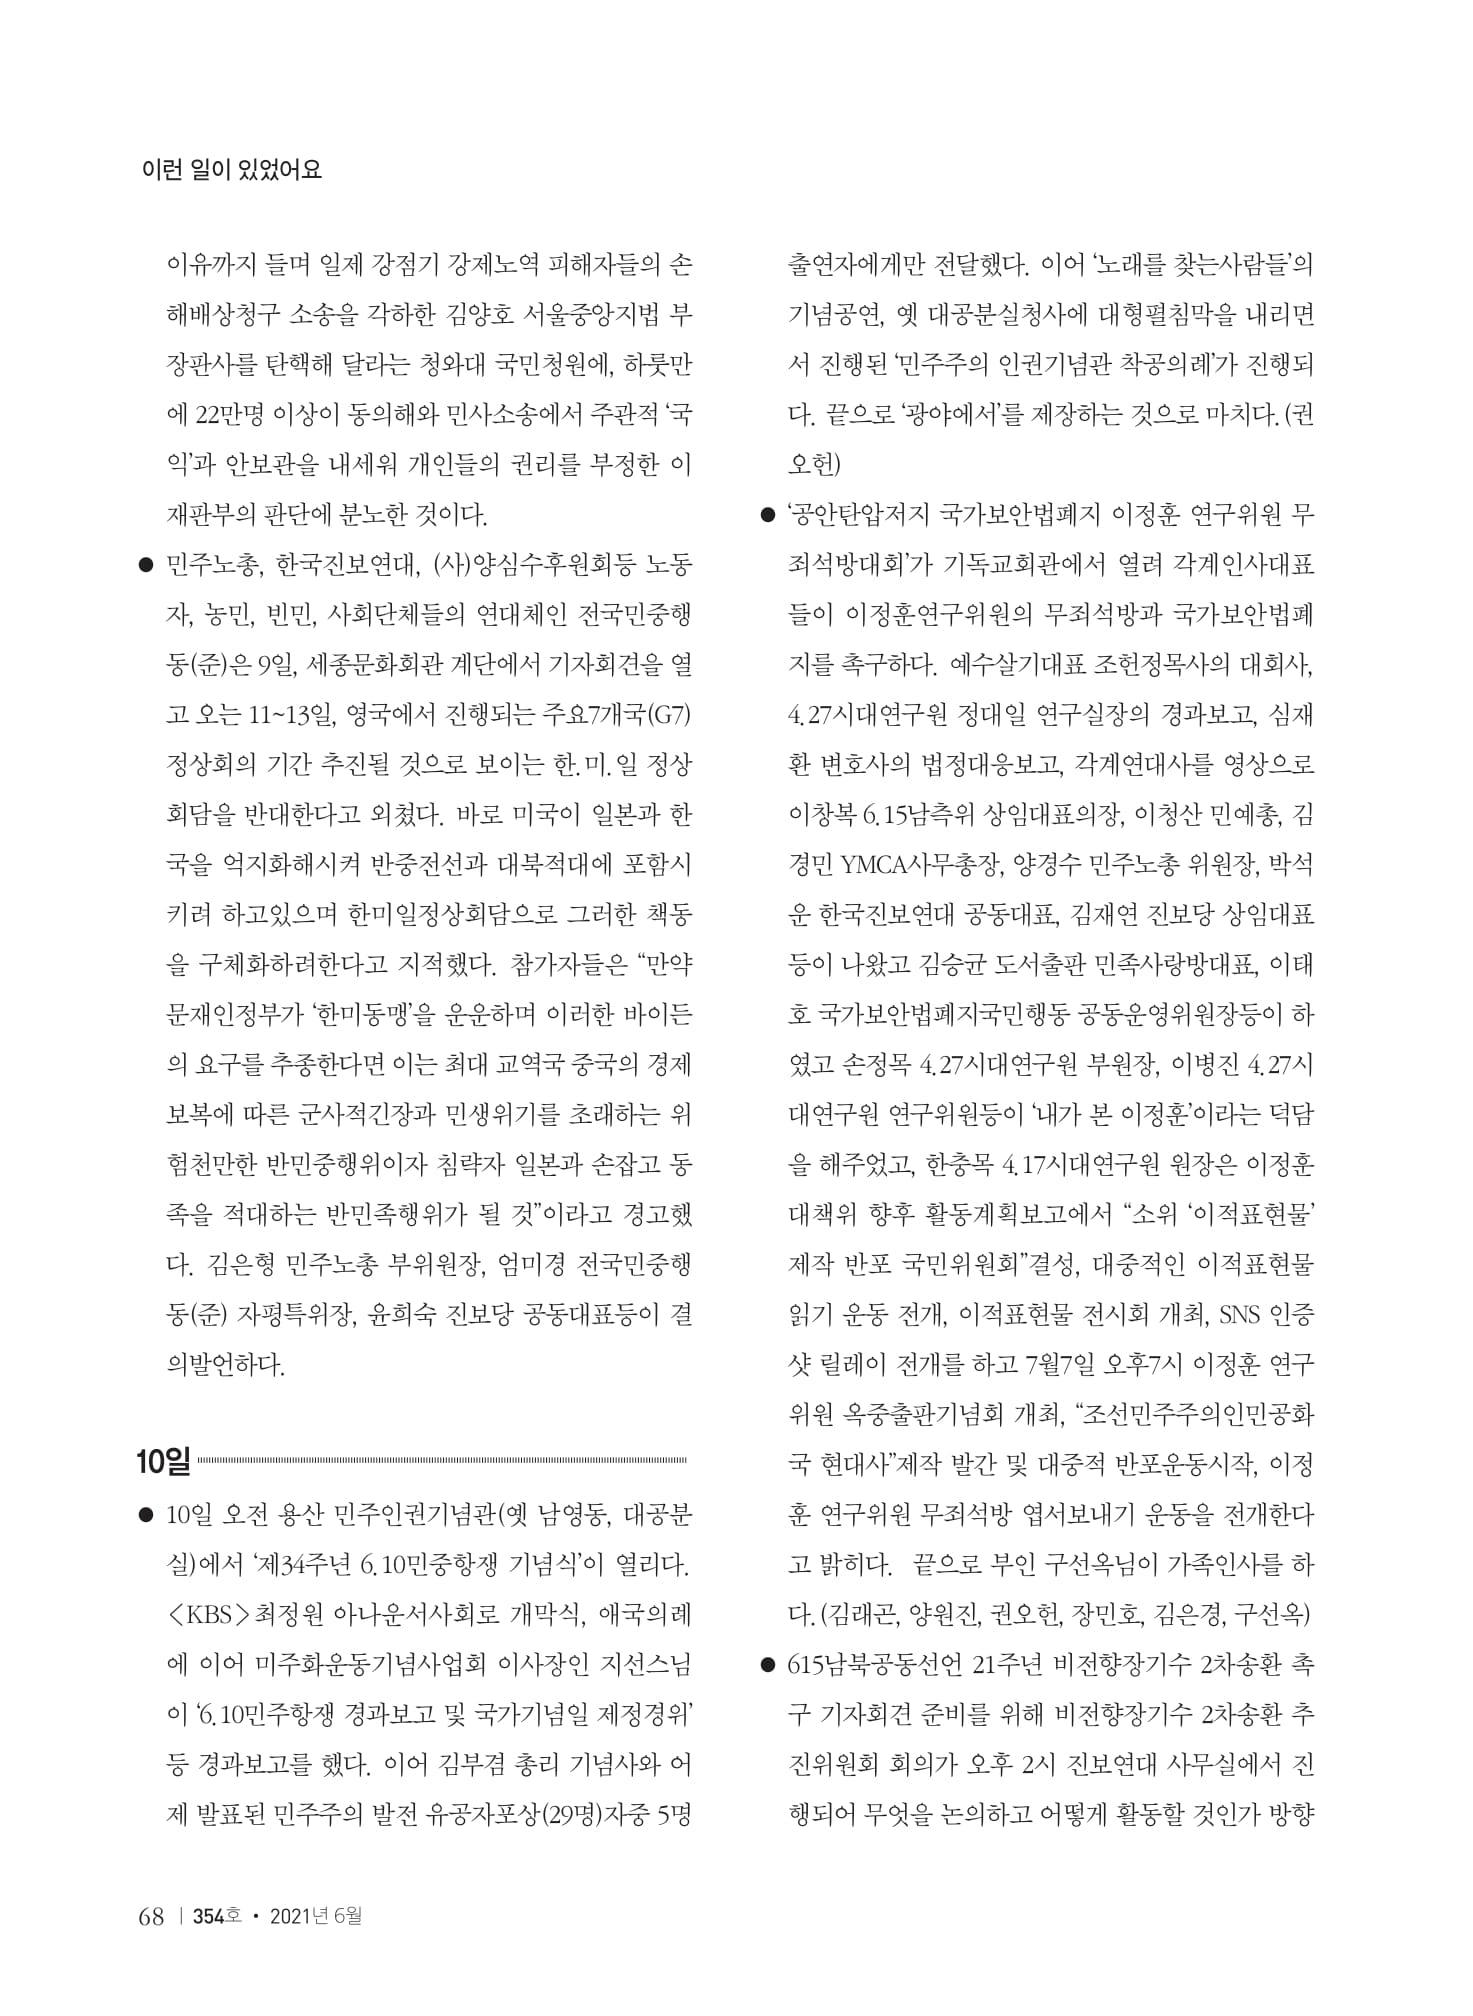 [양심수후원회] 소식지 354호 web 수정-70.jpg